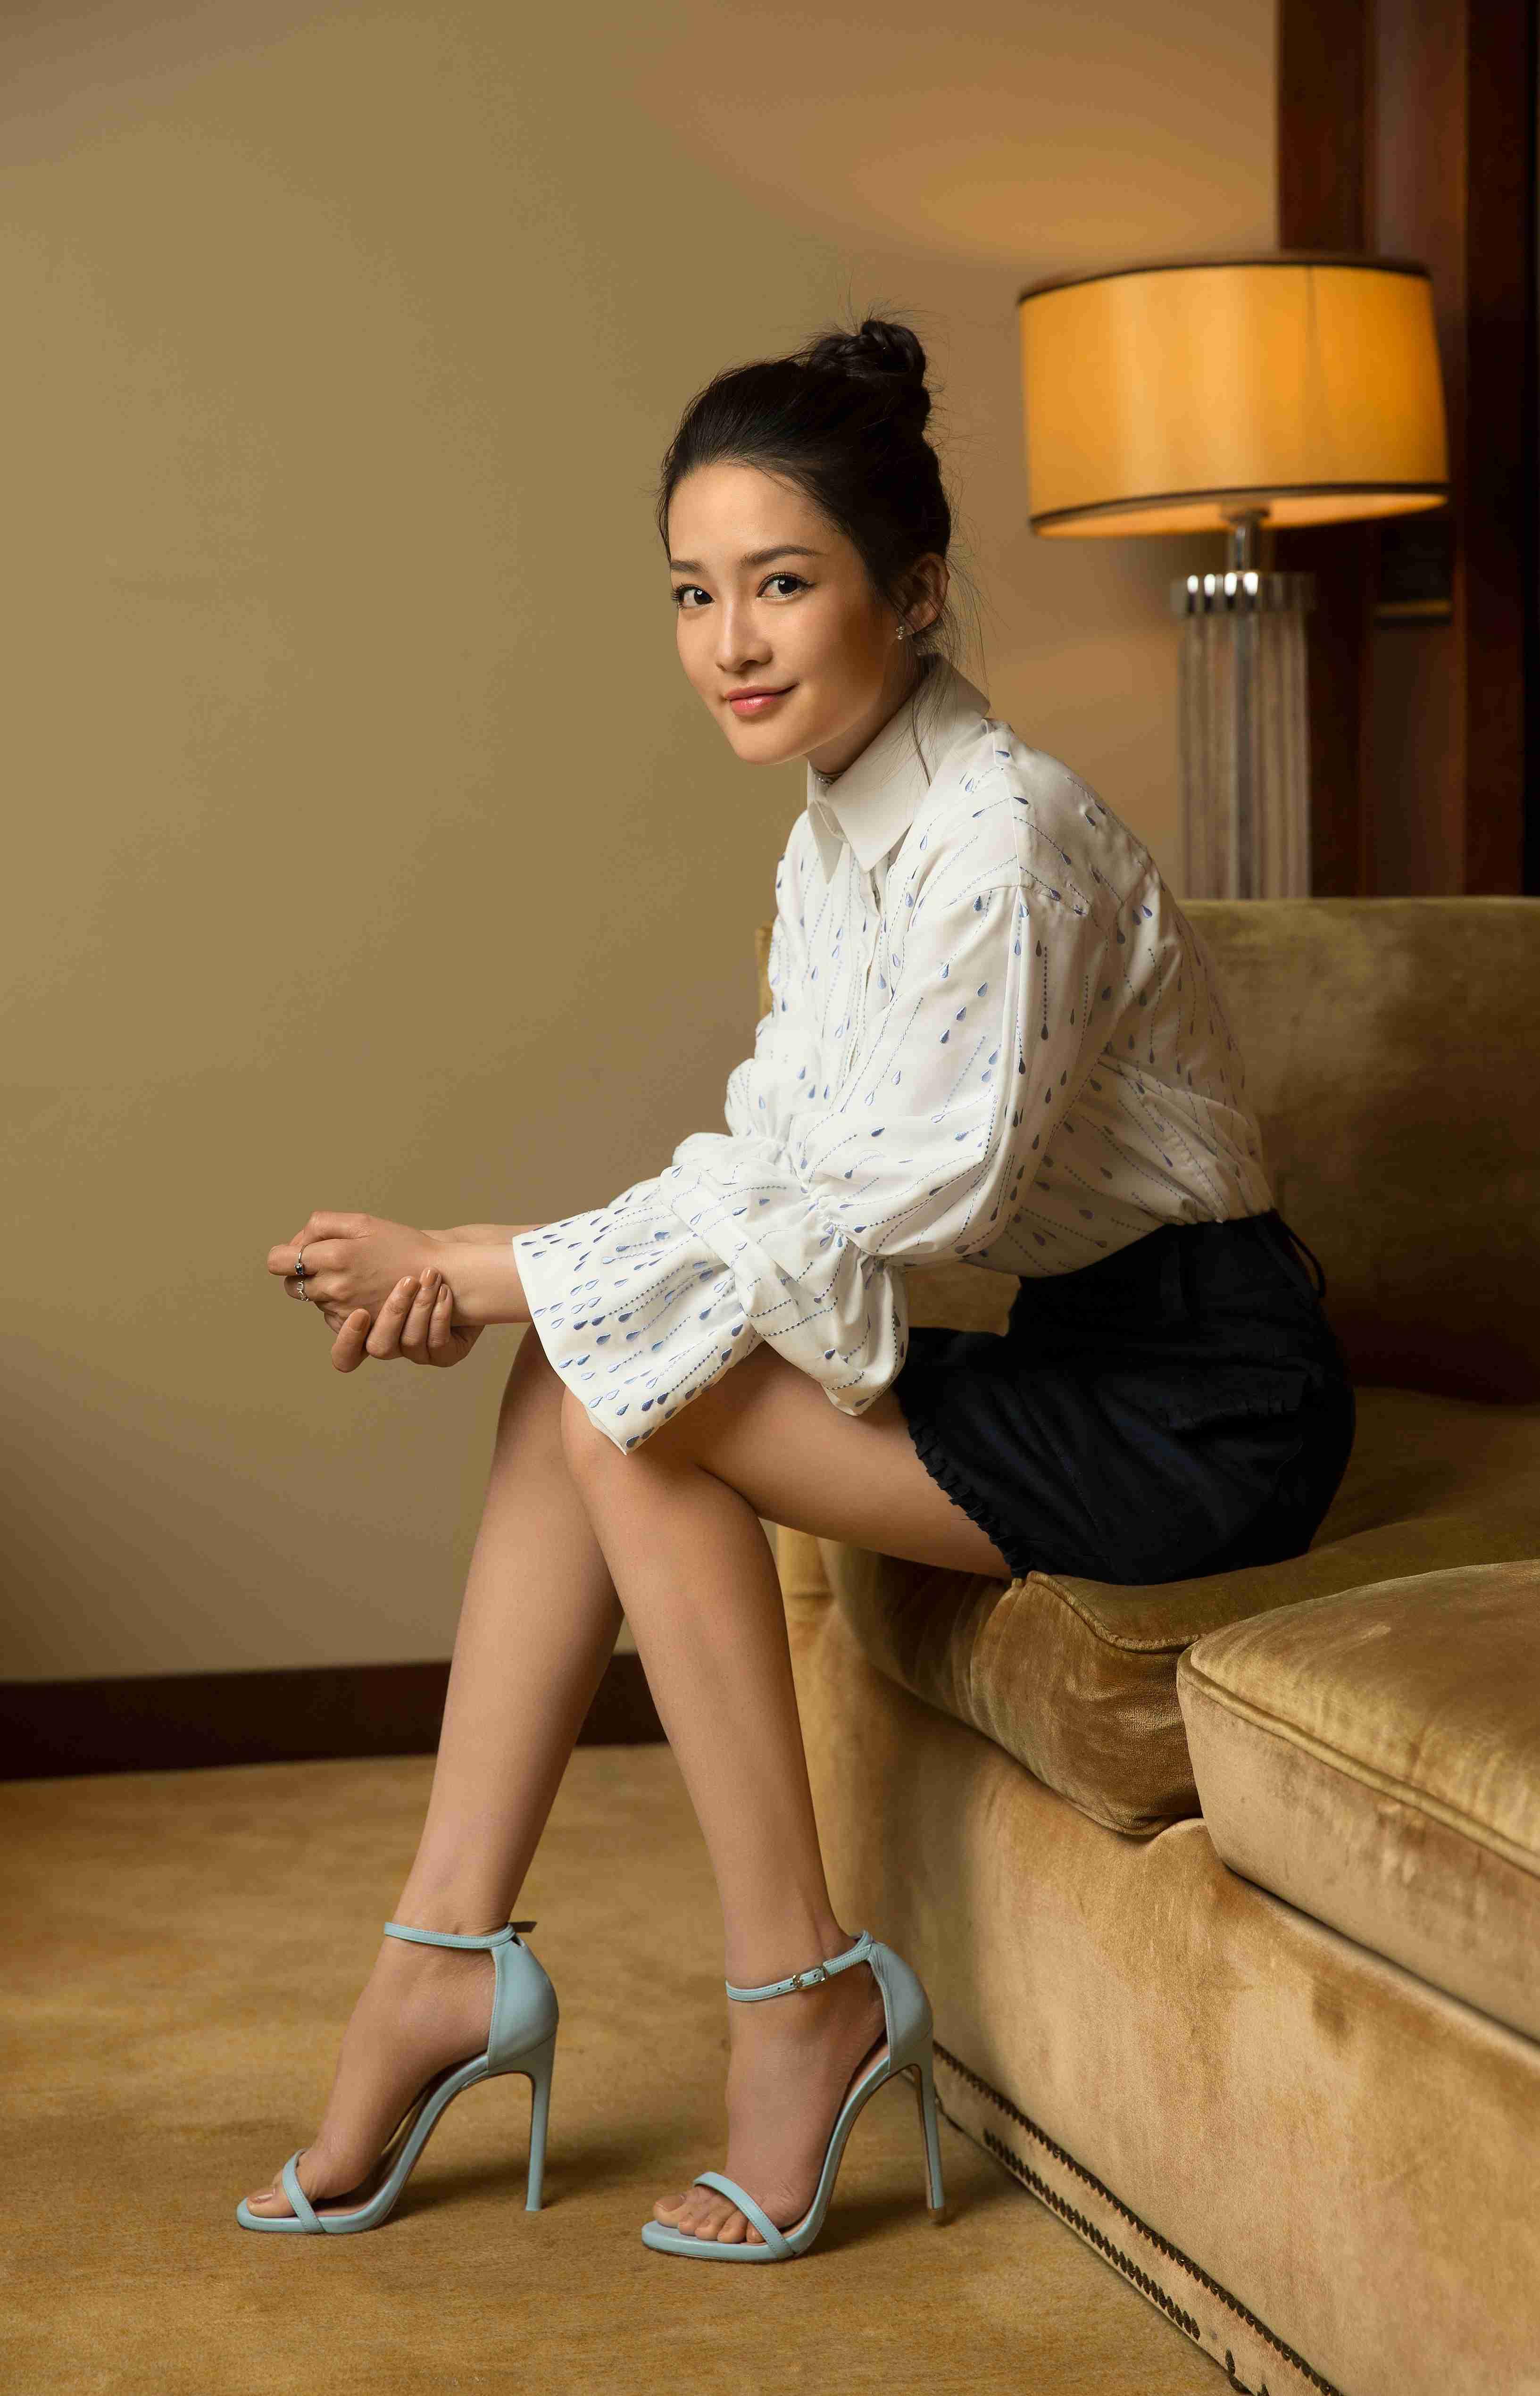 李沁工作室否认恋情:她现为单身传闻不实